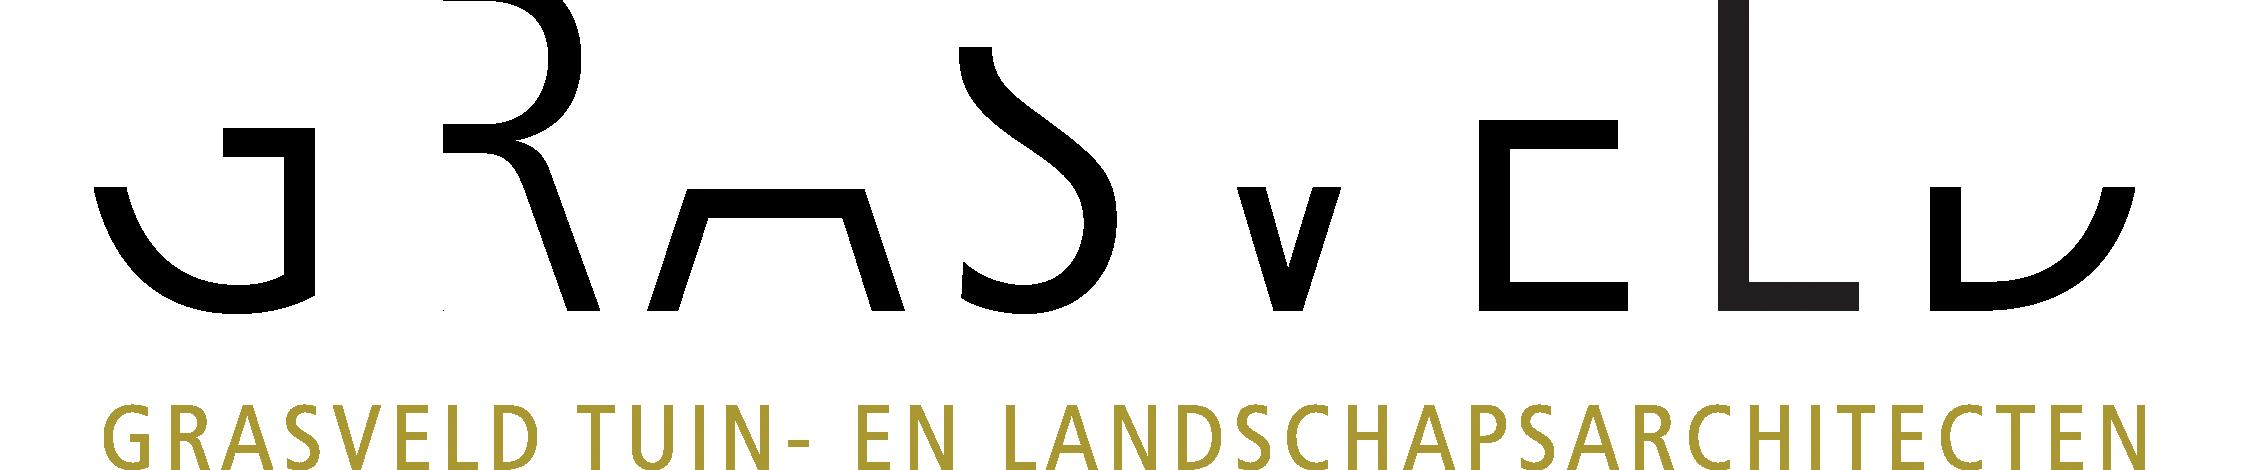 grasveld logo voor delen.png